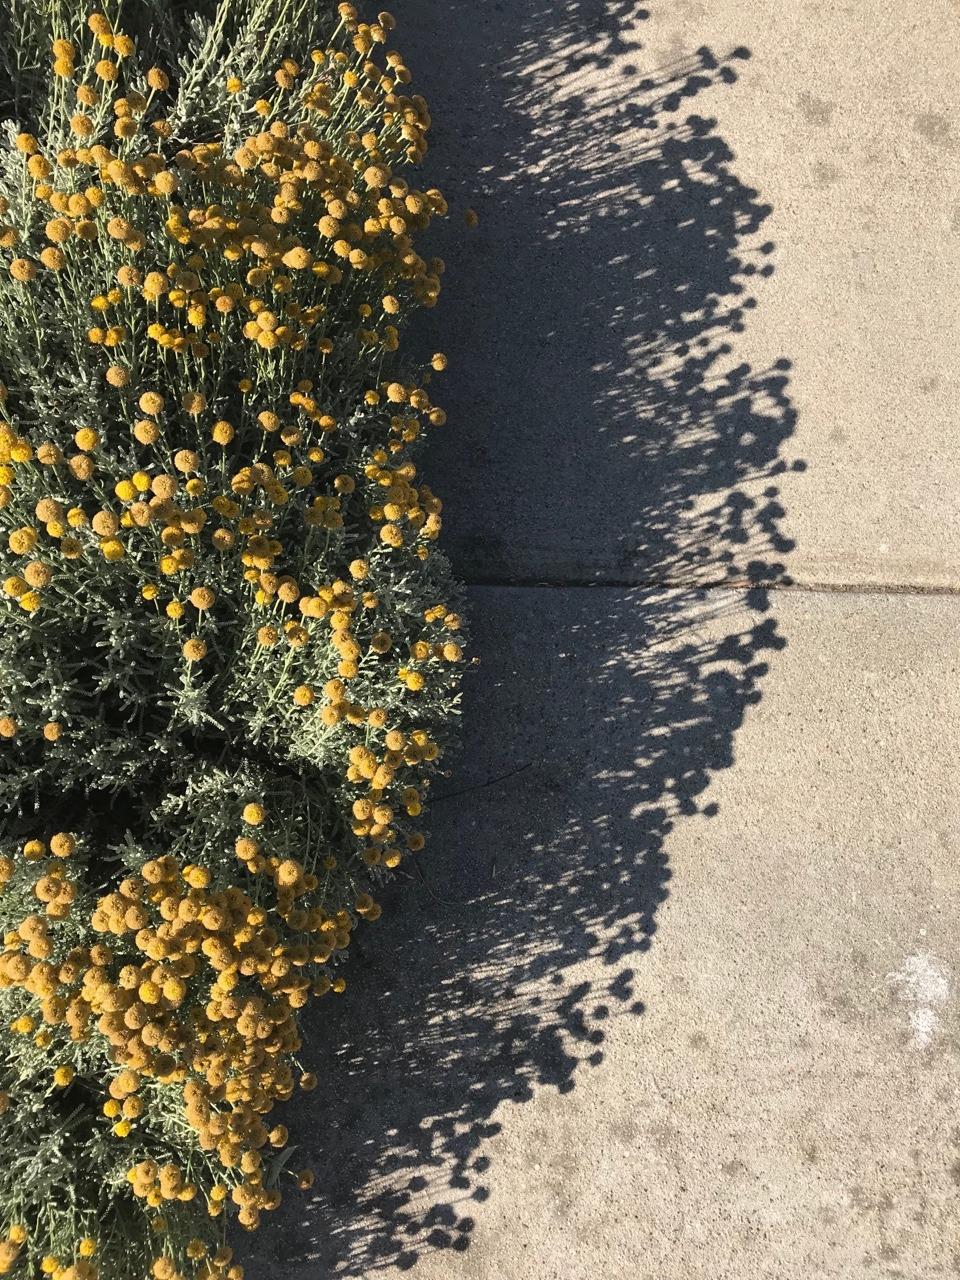 ojai flowers